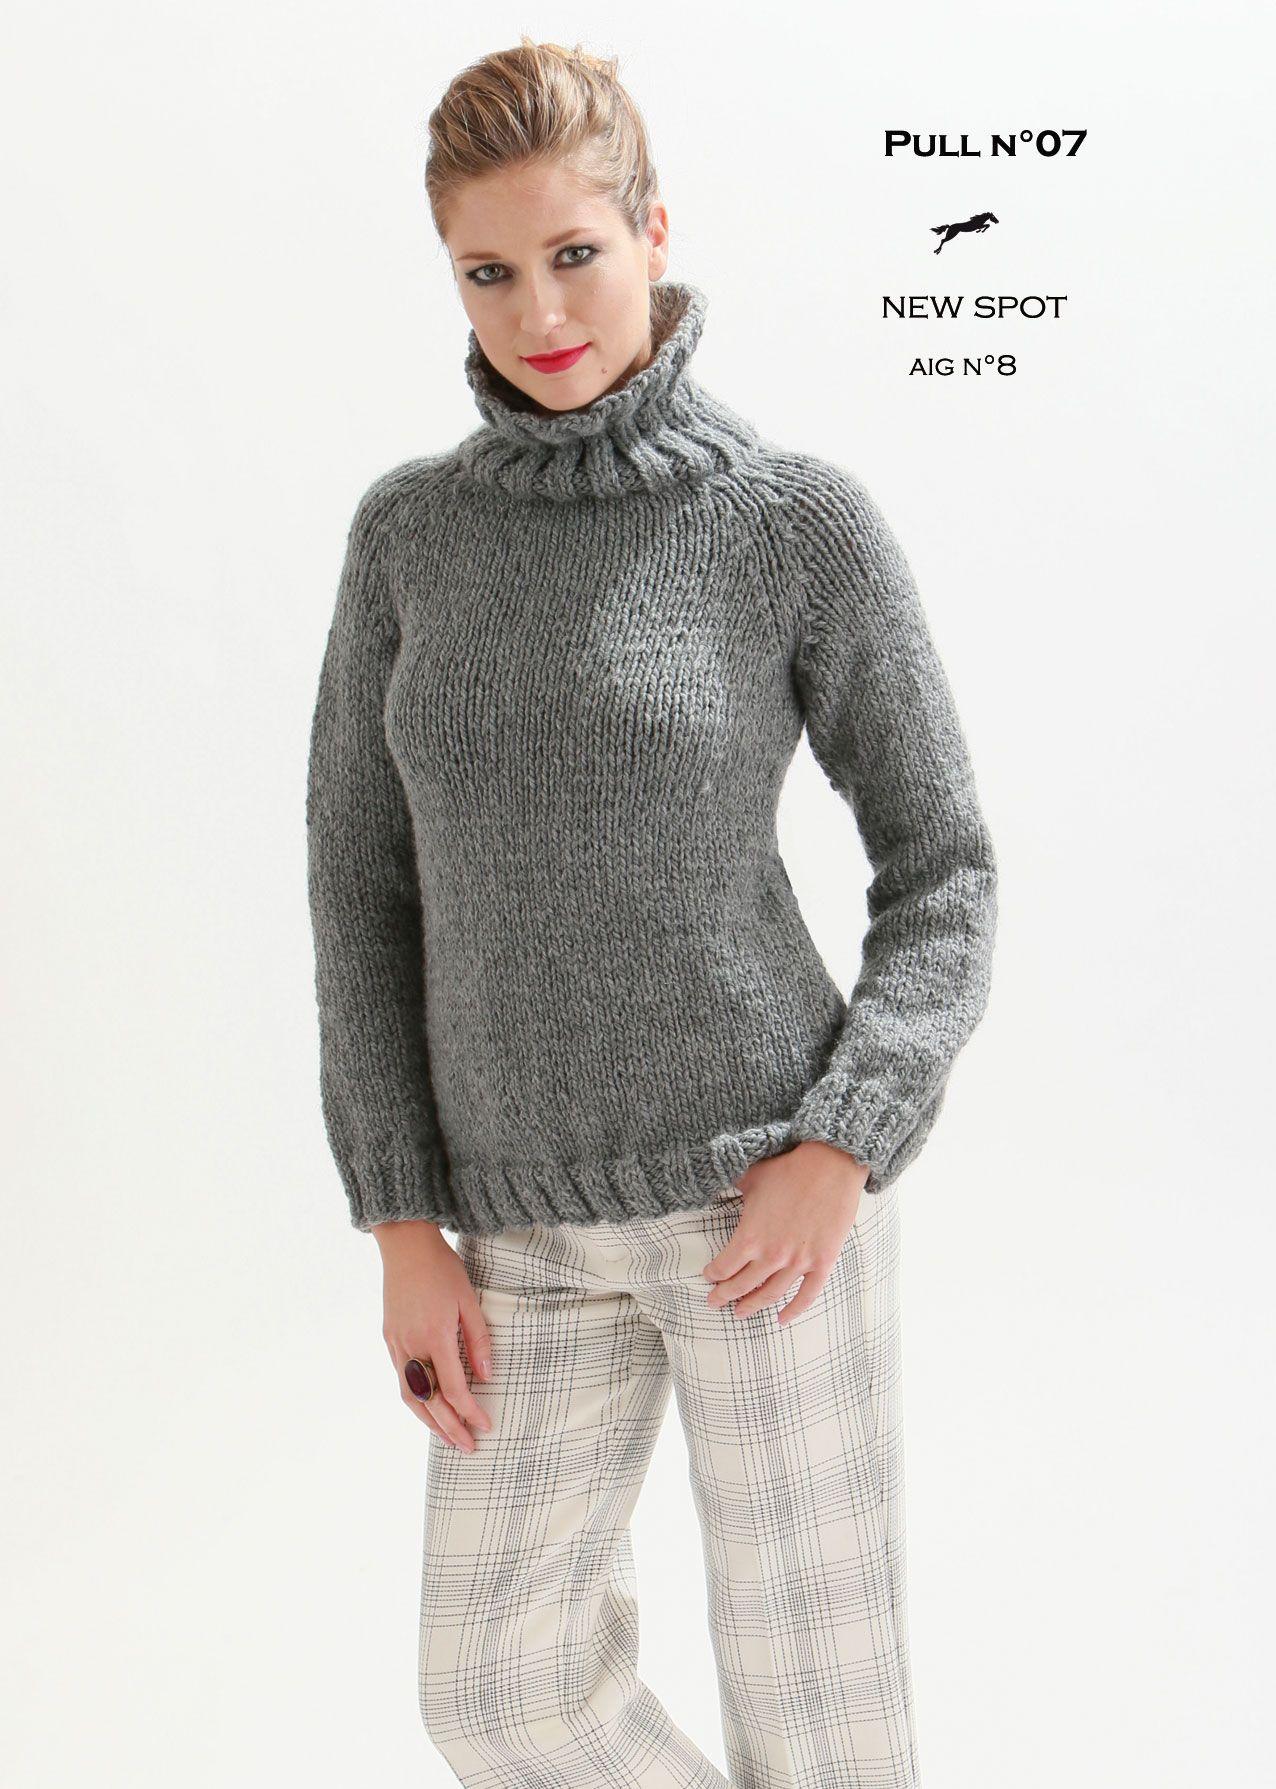 mod le de tricot pull femme catalogue cheval blanc n 21 laine utilis e new spot cheval. Black Bedroom Furniture Sets. Home Design Ideas